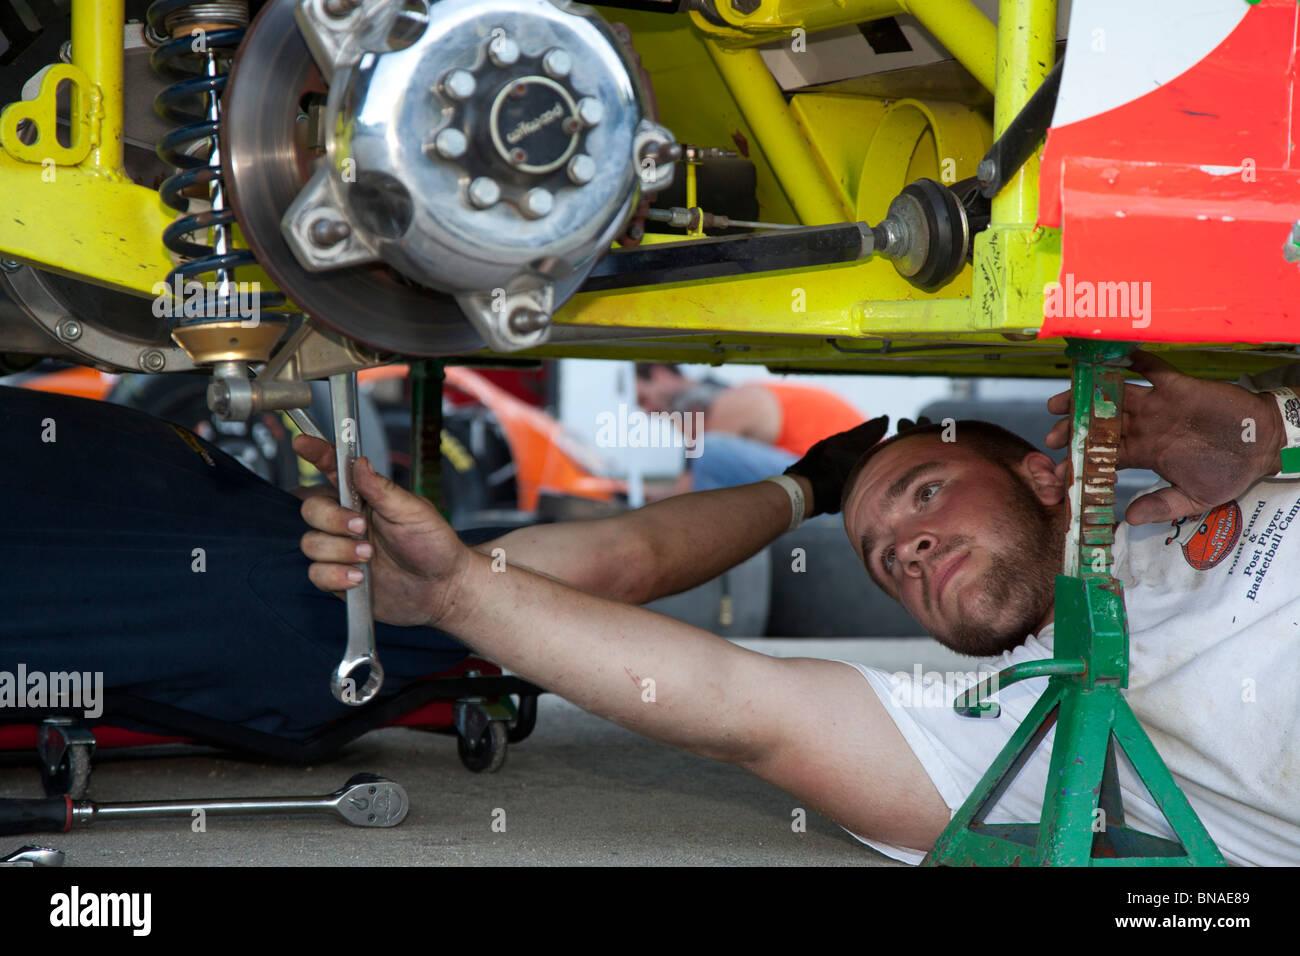 Woodstock, New Hampshire - Mechaniker arbeitet an einem Auto in der Box während der Stock Car-Rennen auf dem Stockbild